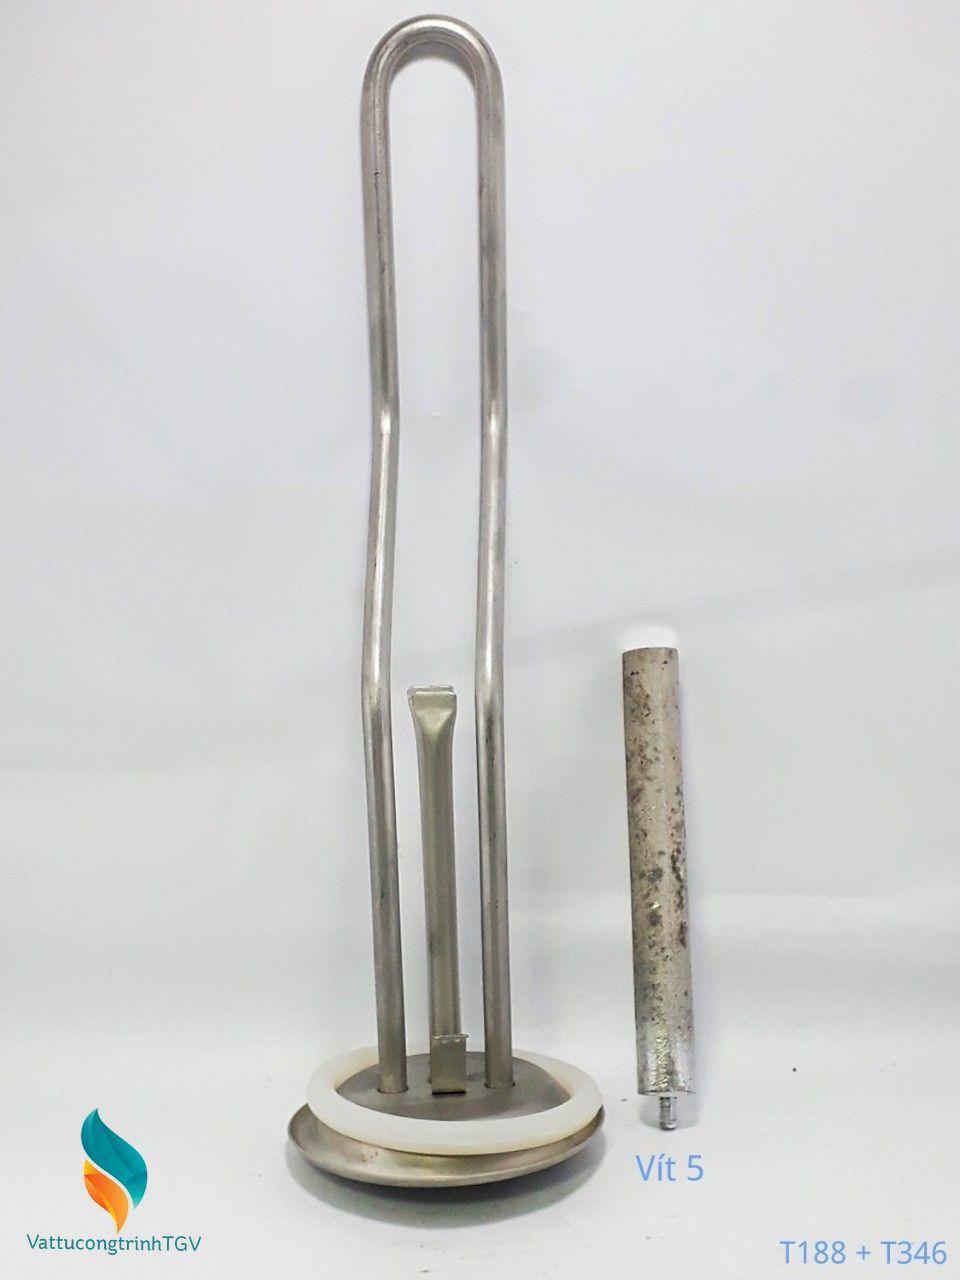 Bộ sợi đốt bát 9,3*32cm + Thanh magie 5mm cho Bình nóng lạnh FERROLI(188+346)